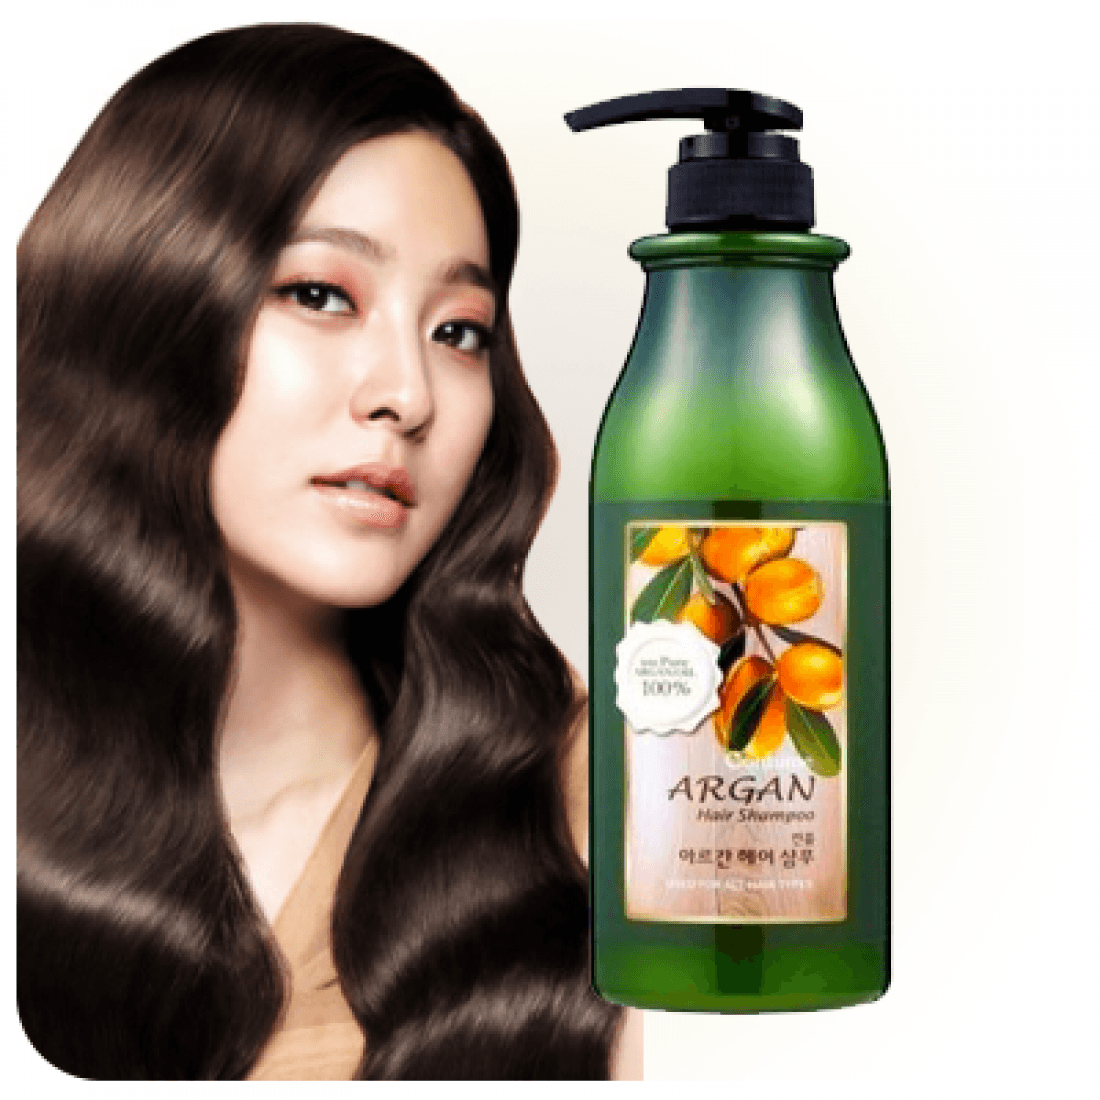 Шампунь для волос с аргановым маслом welcos confume argan hair shampoo